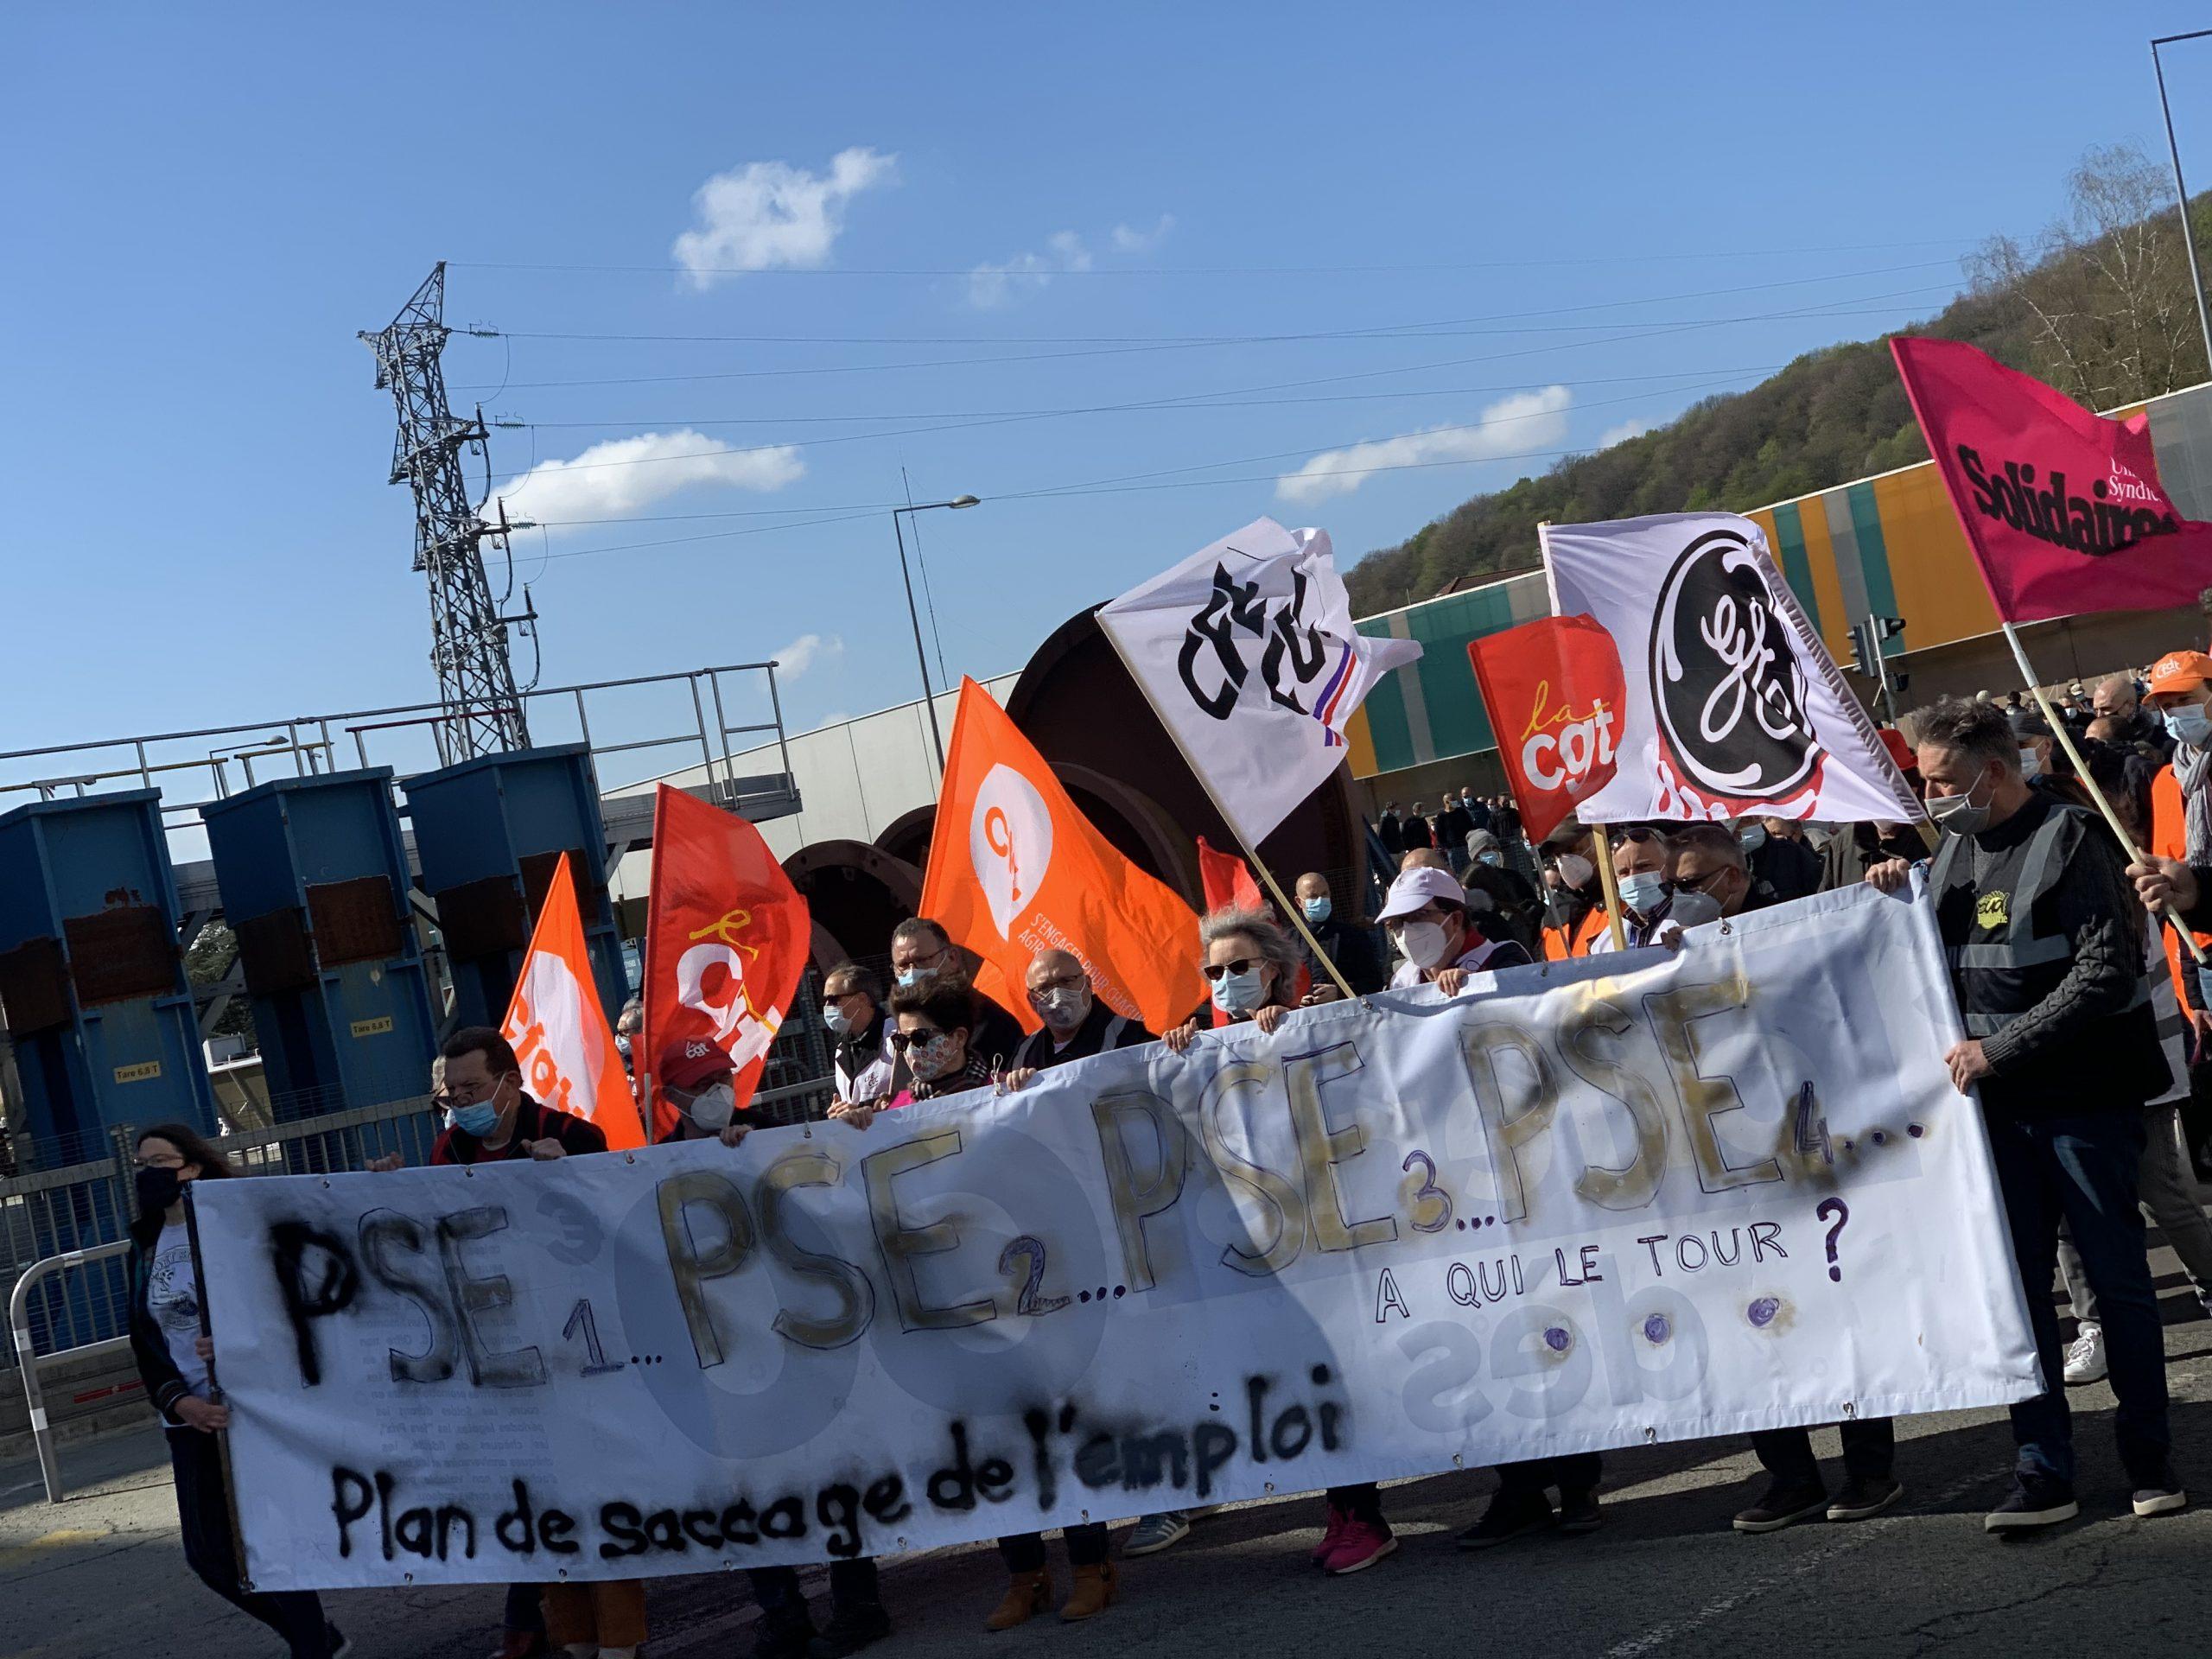 La mobilisation se poursuit contre le plan social dans la branche nucléaire et charbon de General Electric.